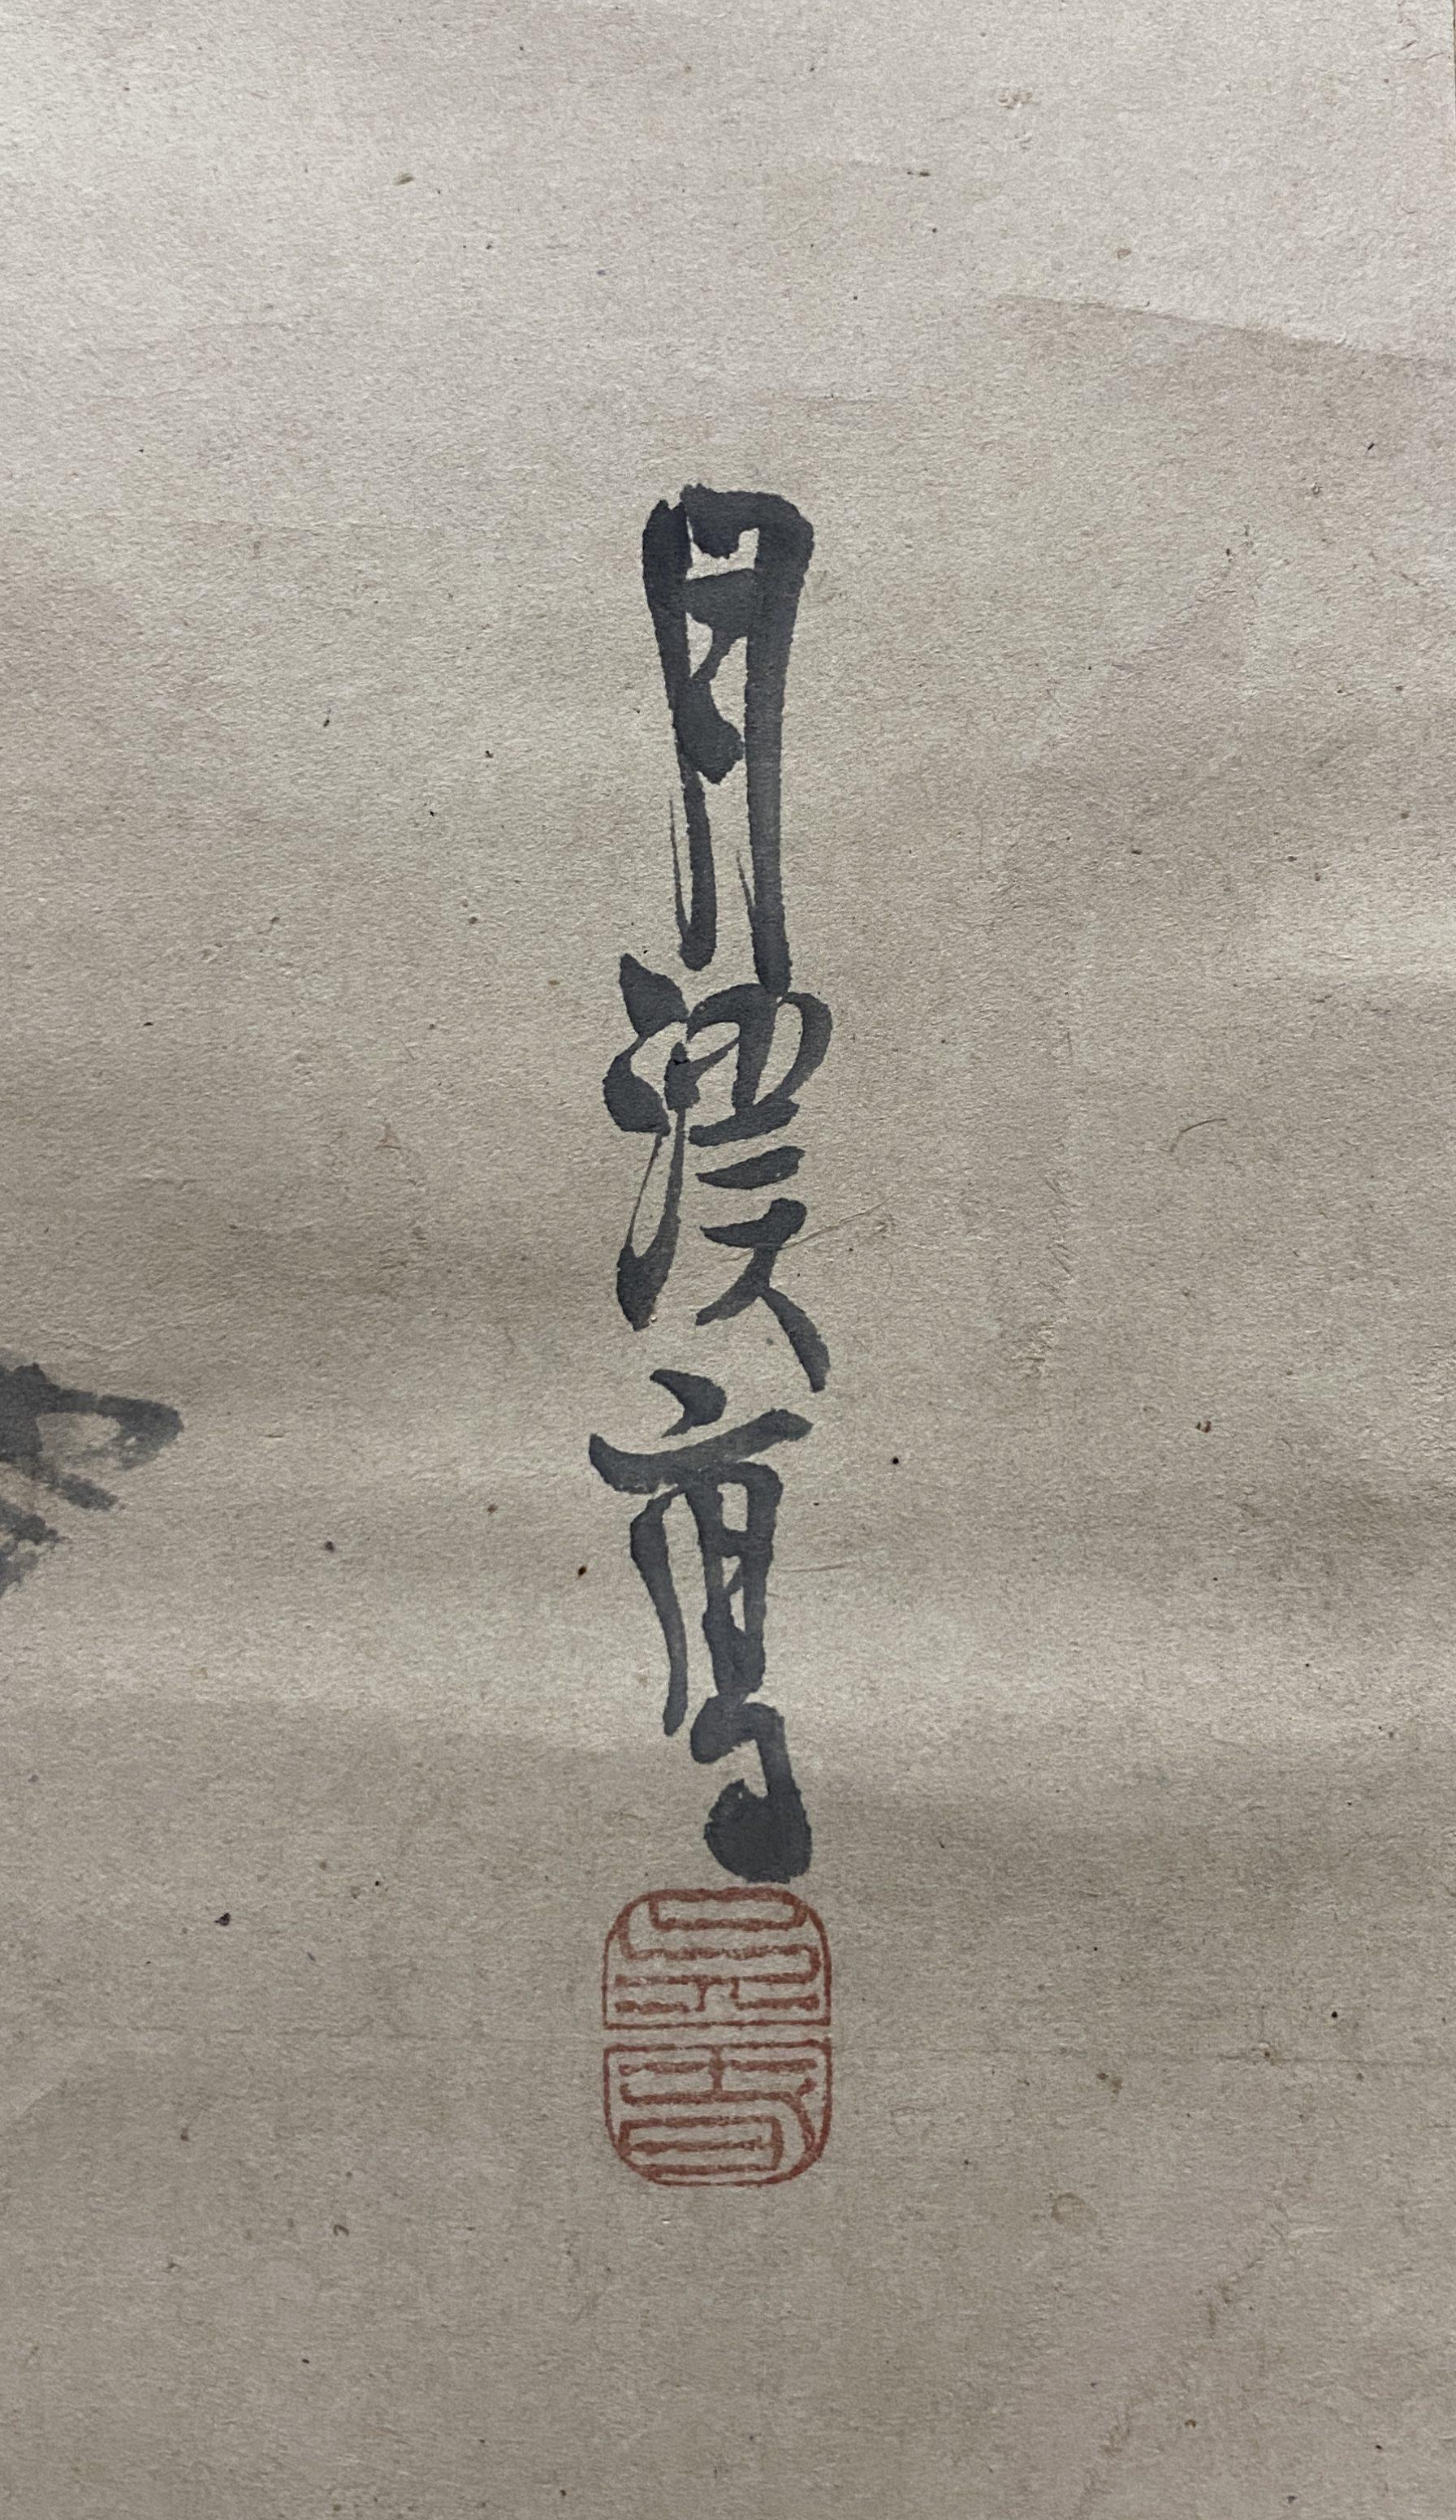 松村呉春 旅僧(小西来山)図 画賛